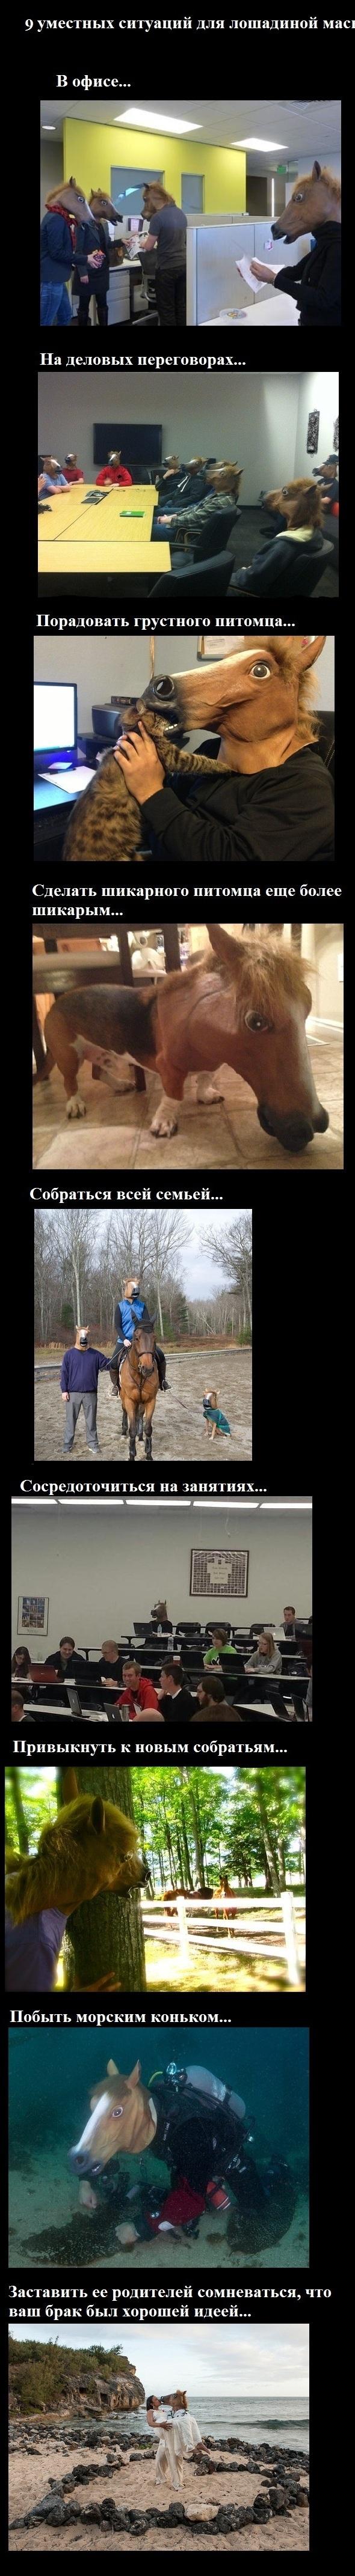 9 уместных ситуаций для лошадиной маски